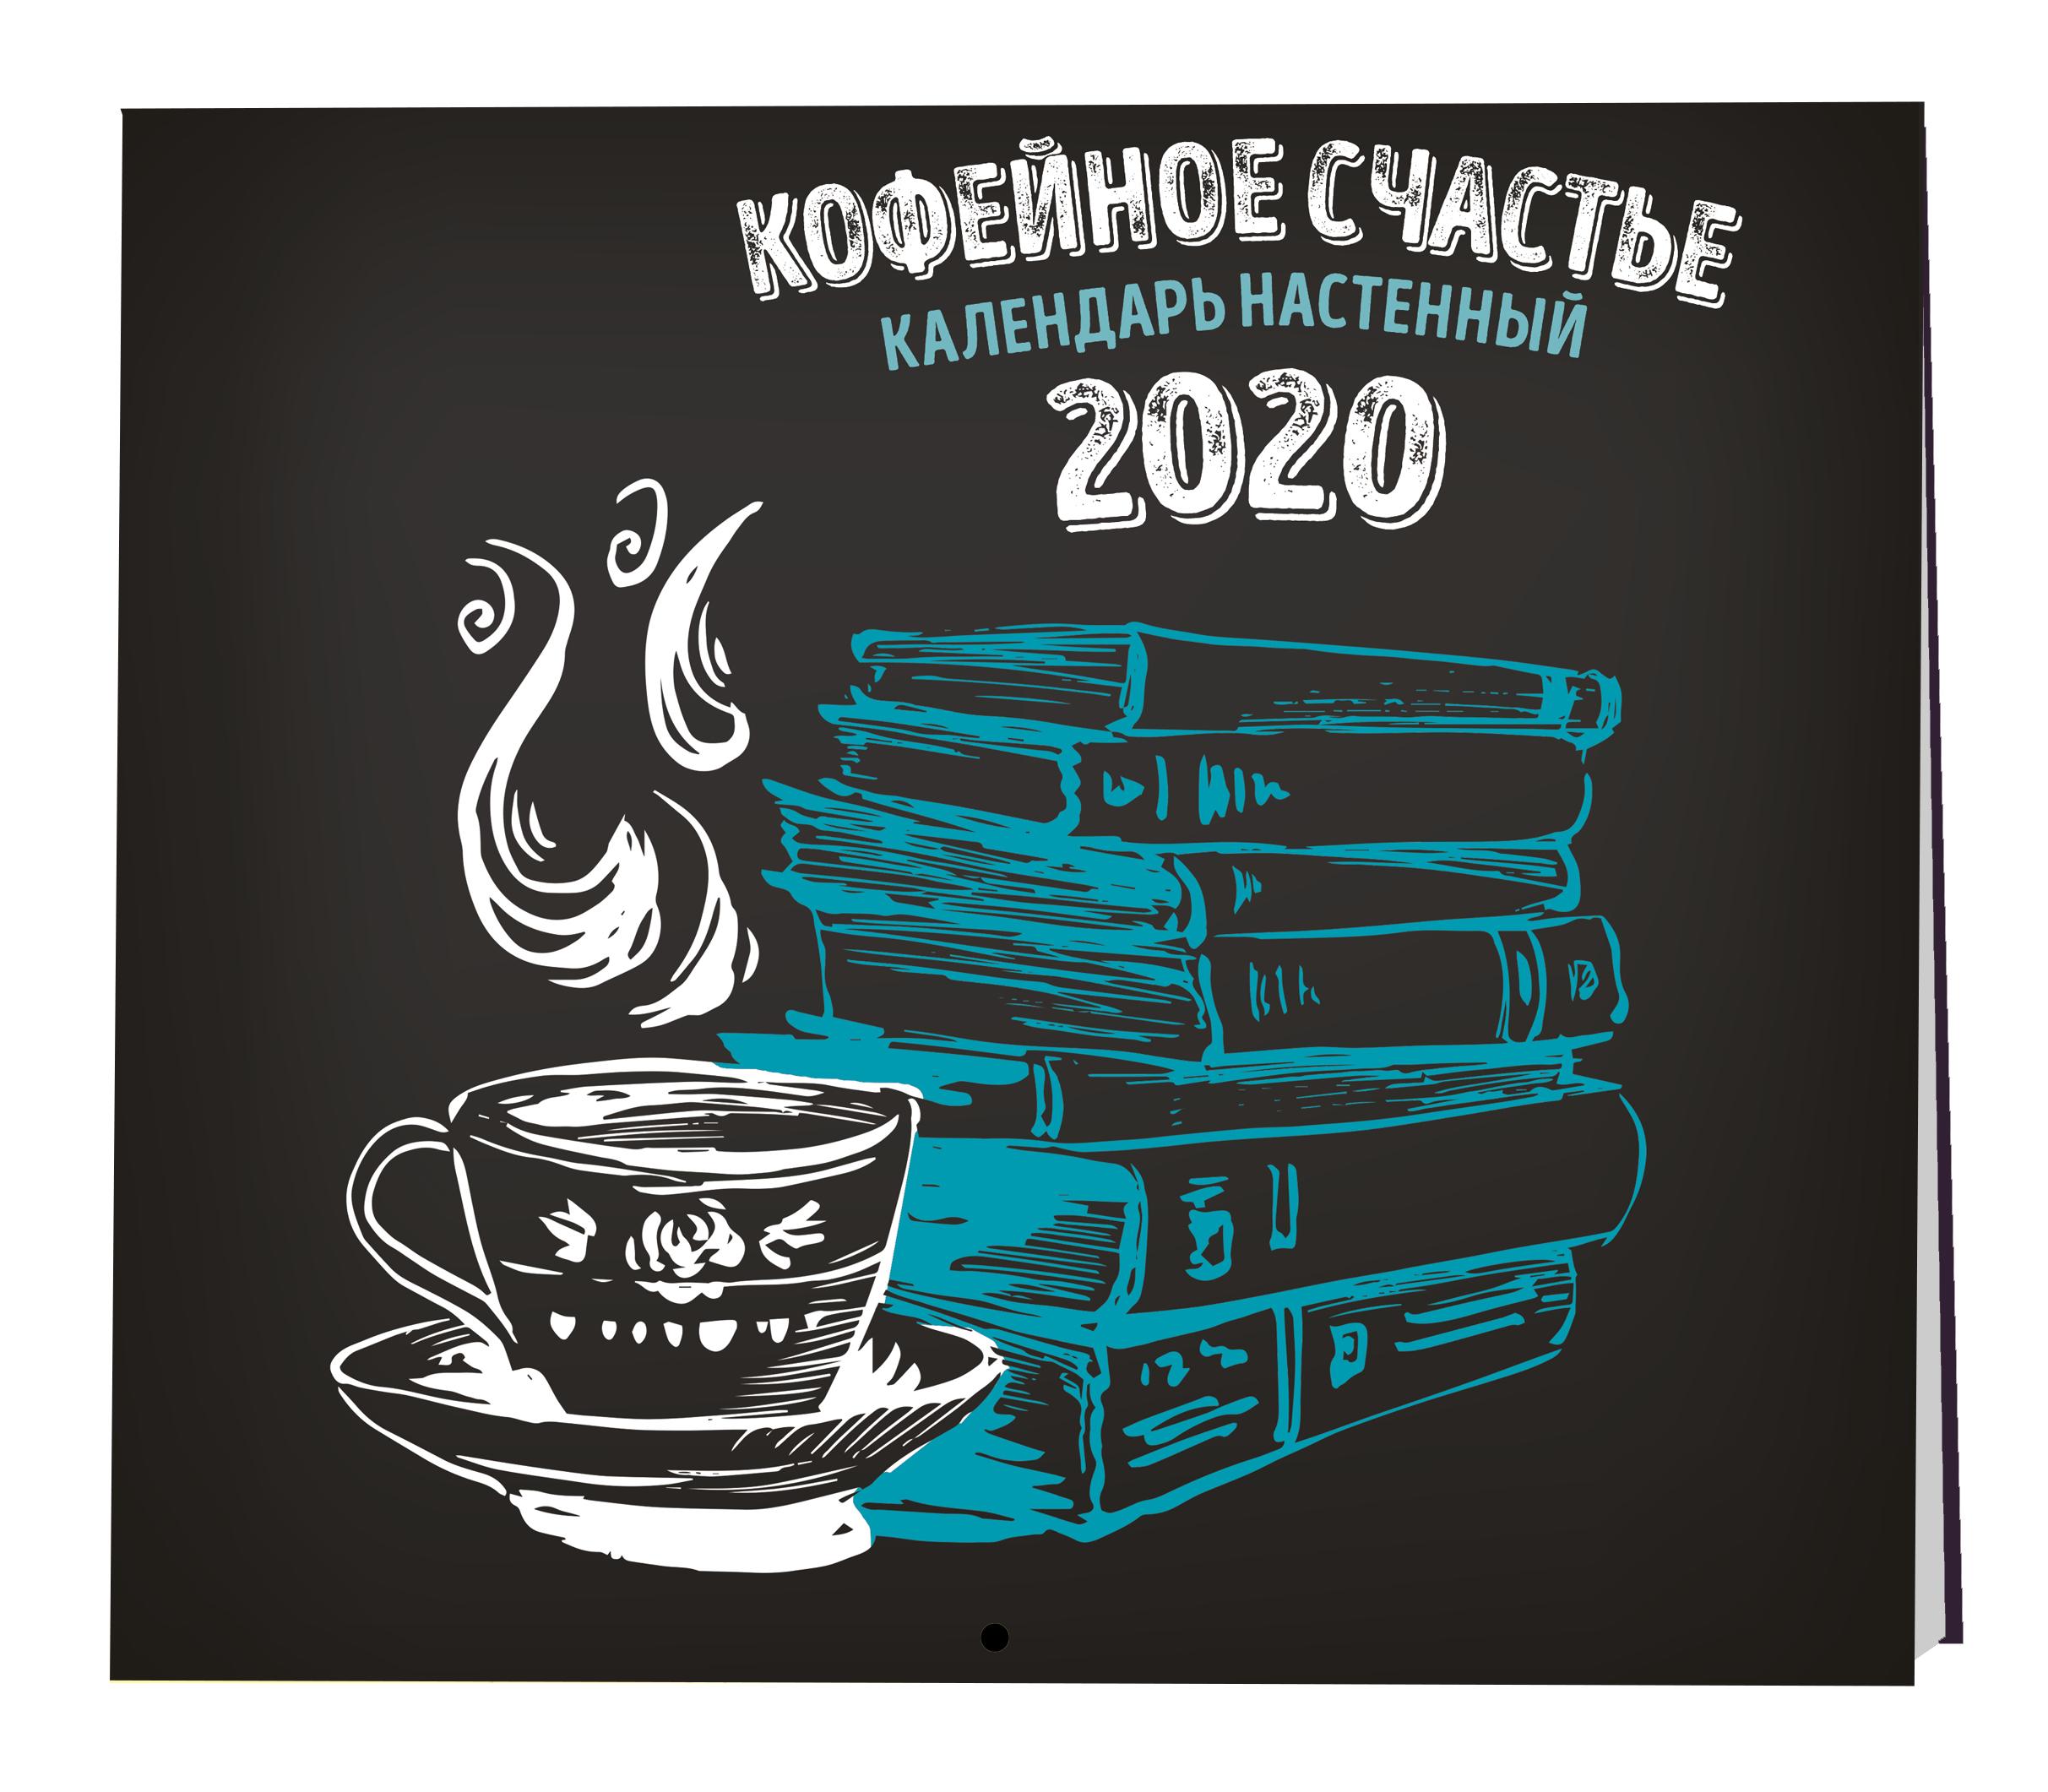 Кофейное счастье. Календарь настенный на 2020 год (300х300 мм)